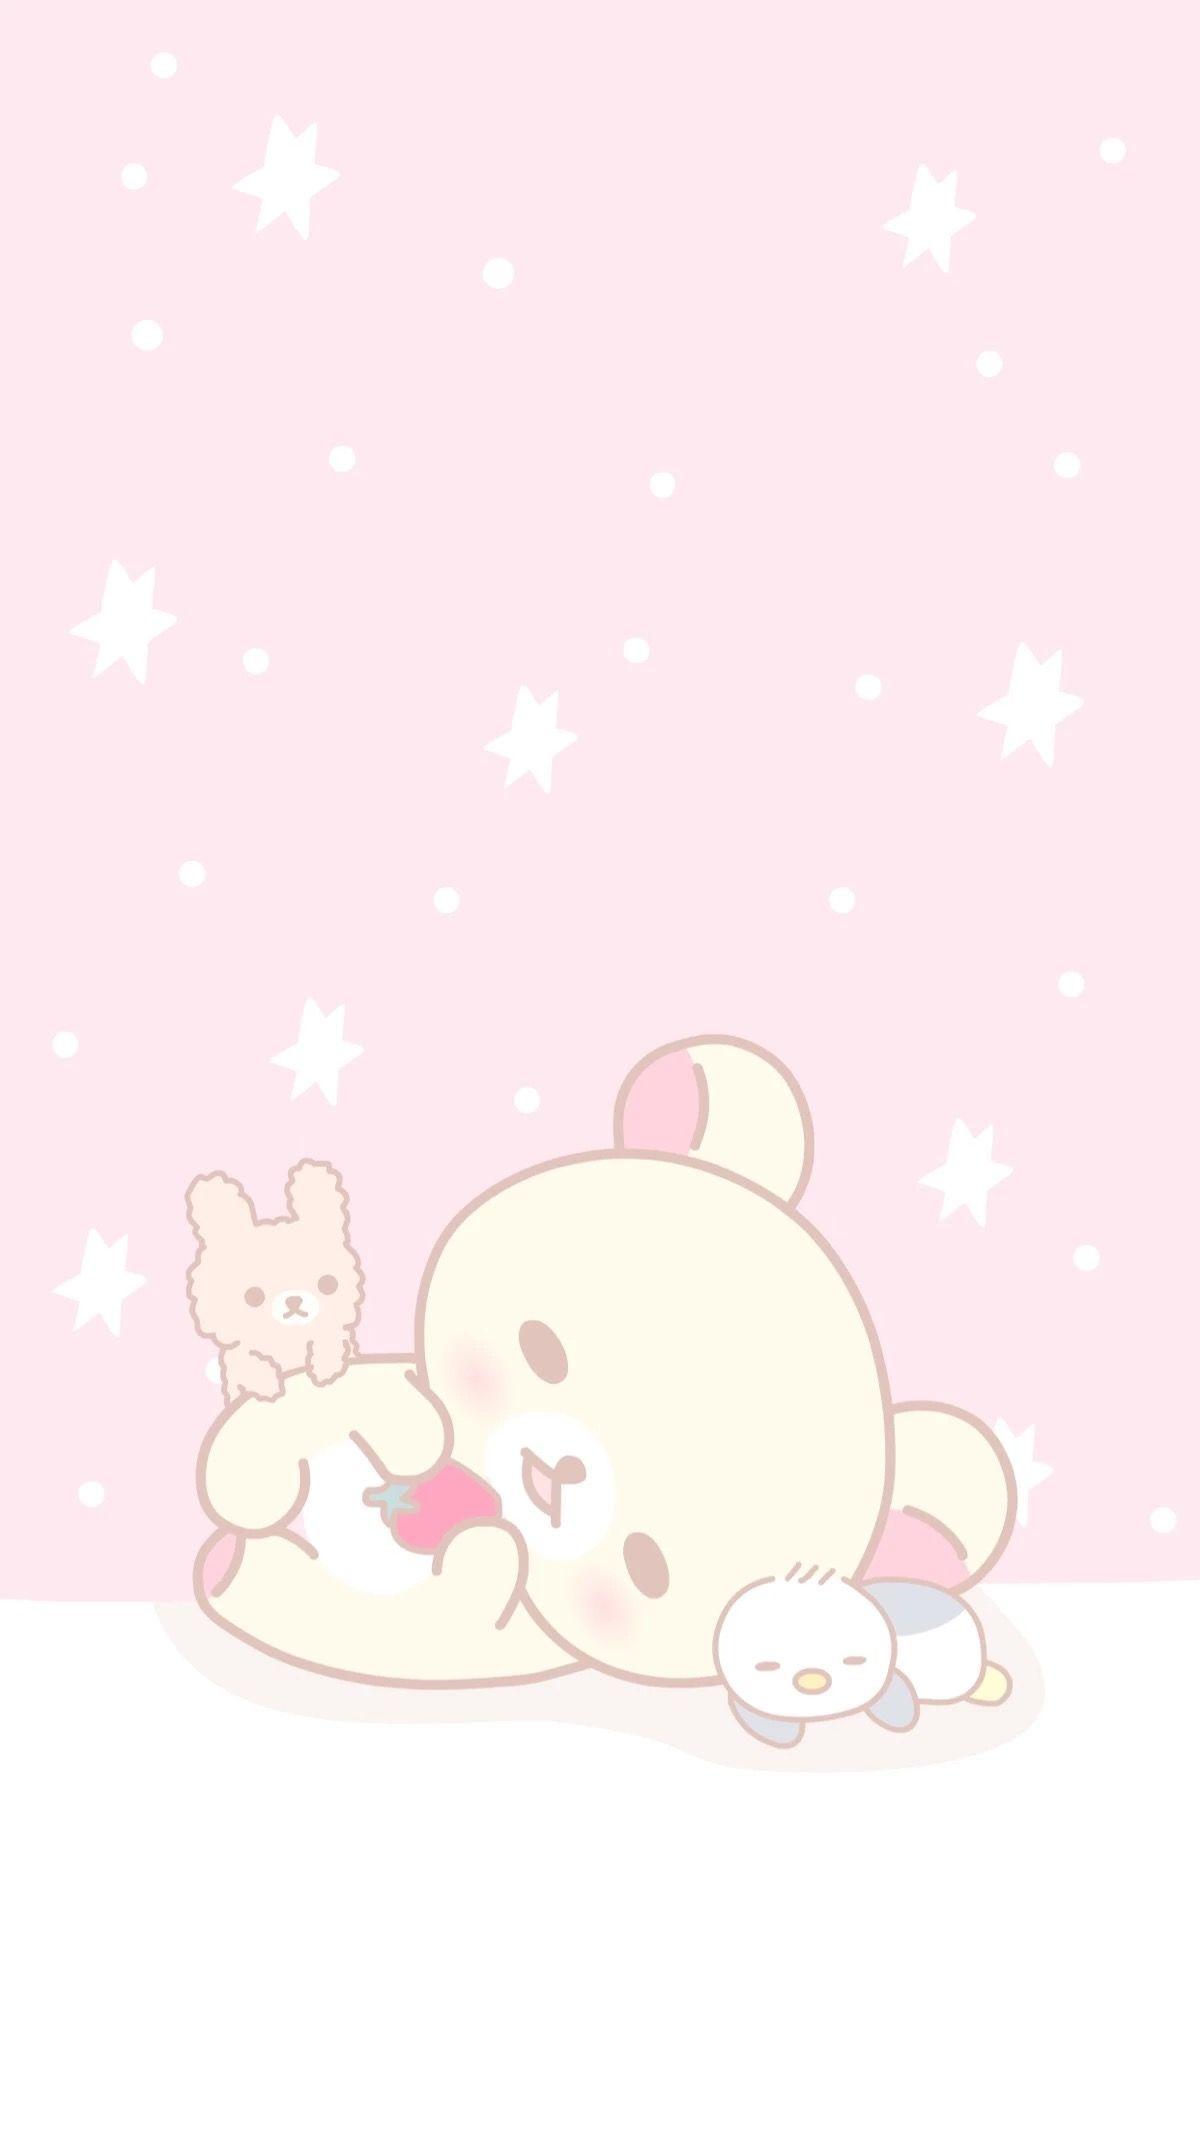 Pin By Babybear On Rilakkuma Rilakkuma Wallpaper Cute Pastel Wallpaper Kawaii Wallpaper